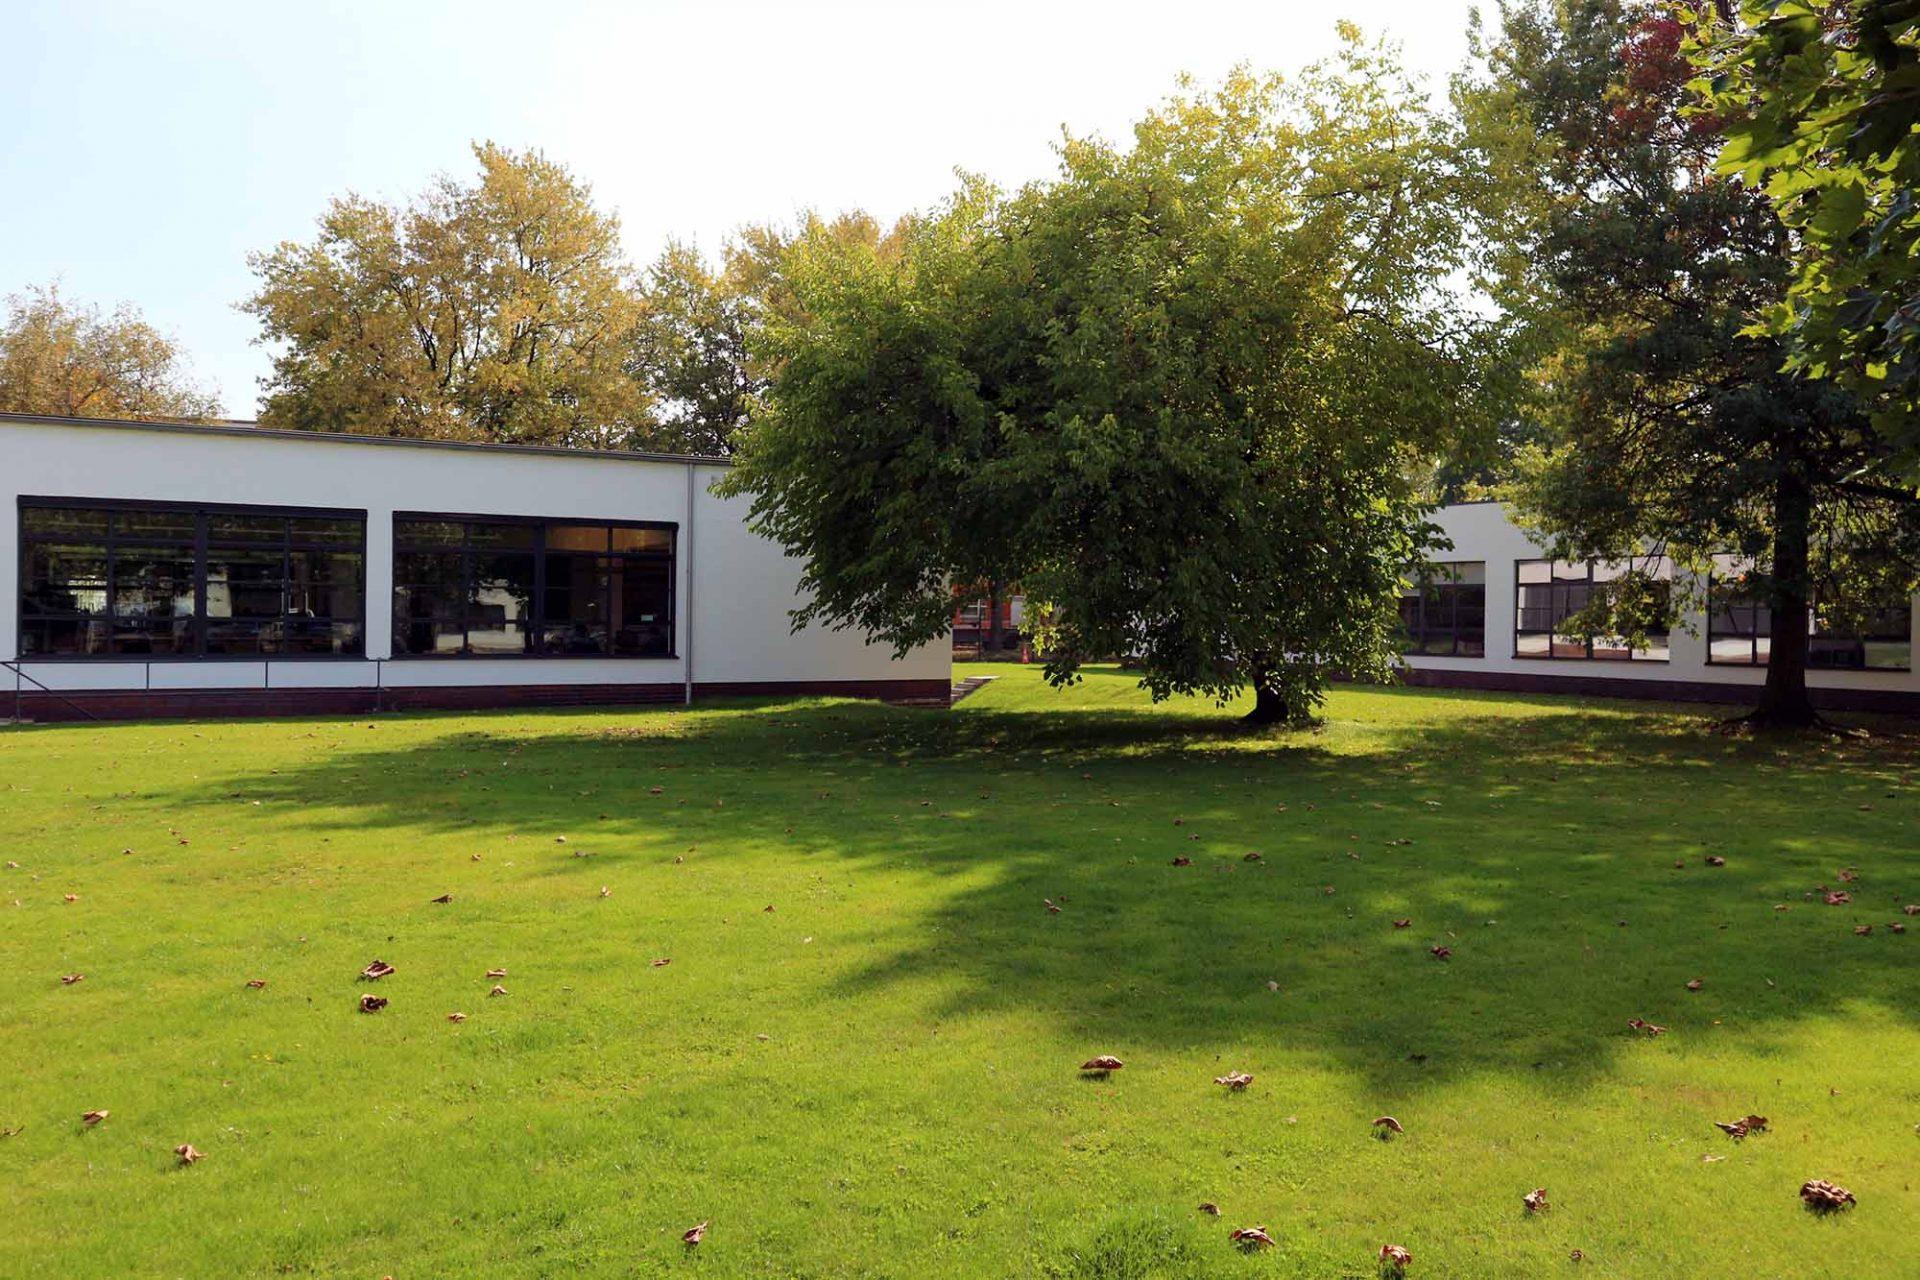 Mies van der Rohe Business Park. ... 1920 gegründet. Die Fusion mehrerer Textilbetriebe entwickelte sich zum größten Hersteller von Krawattenstoffen und Seide.